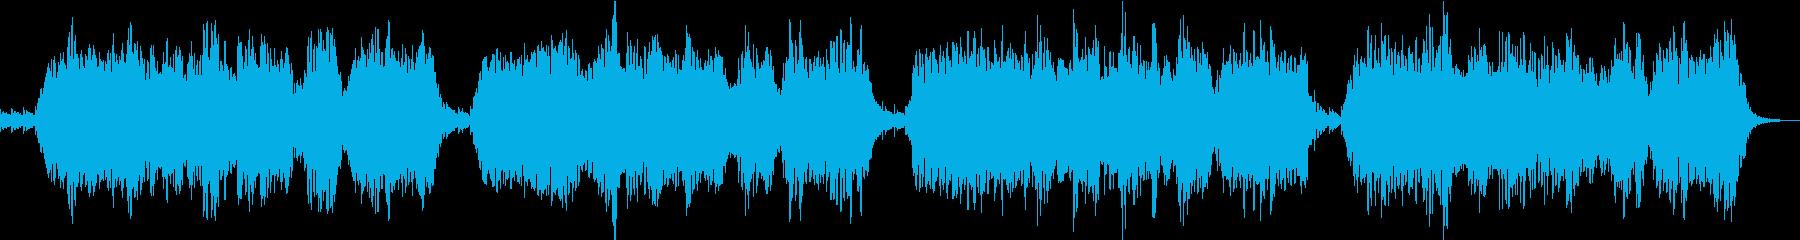 ソルフェジオ周波数を使ったヒーリング音楽の再生済みの波形